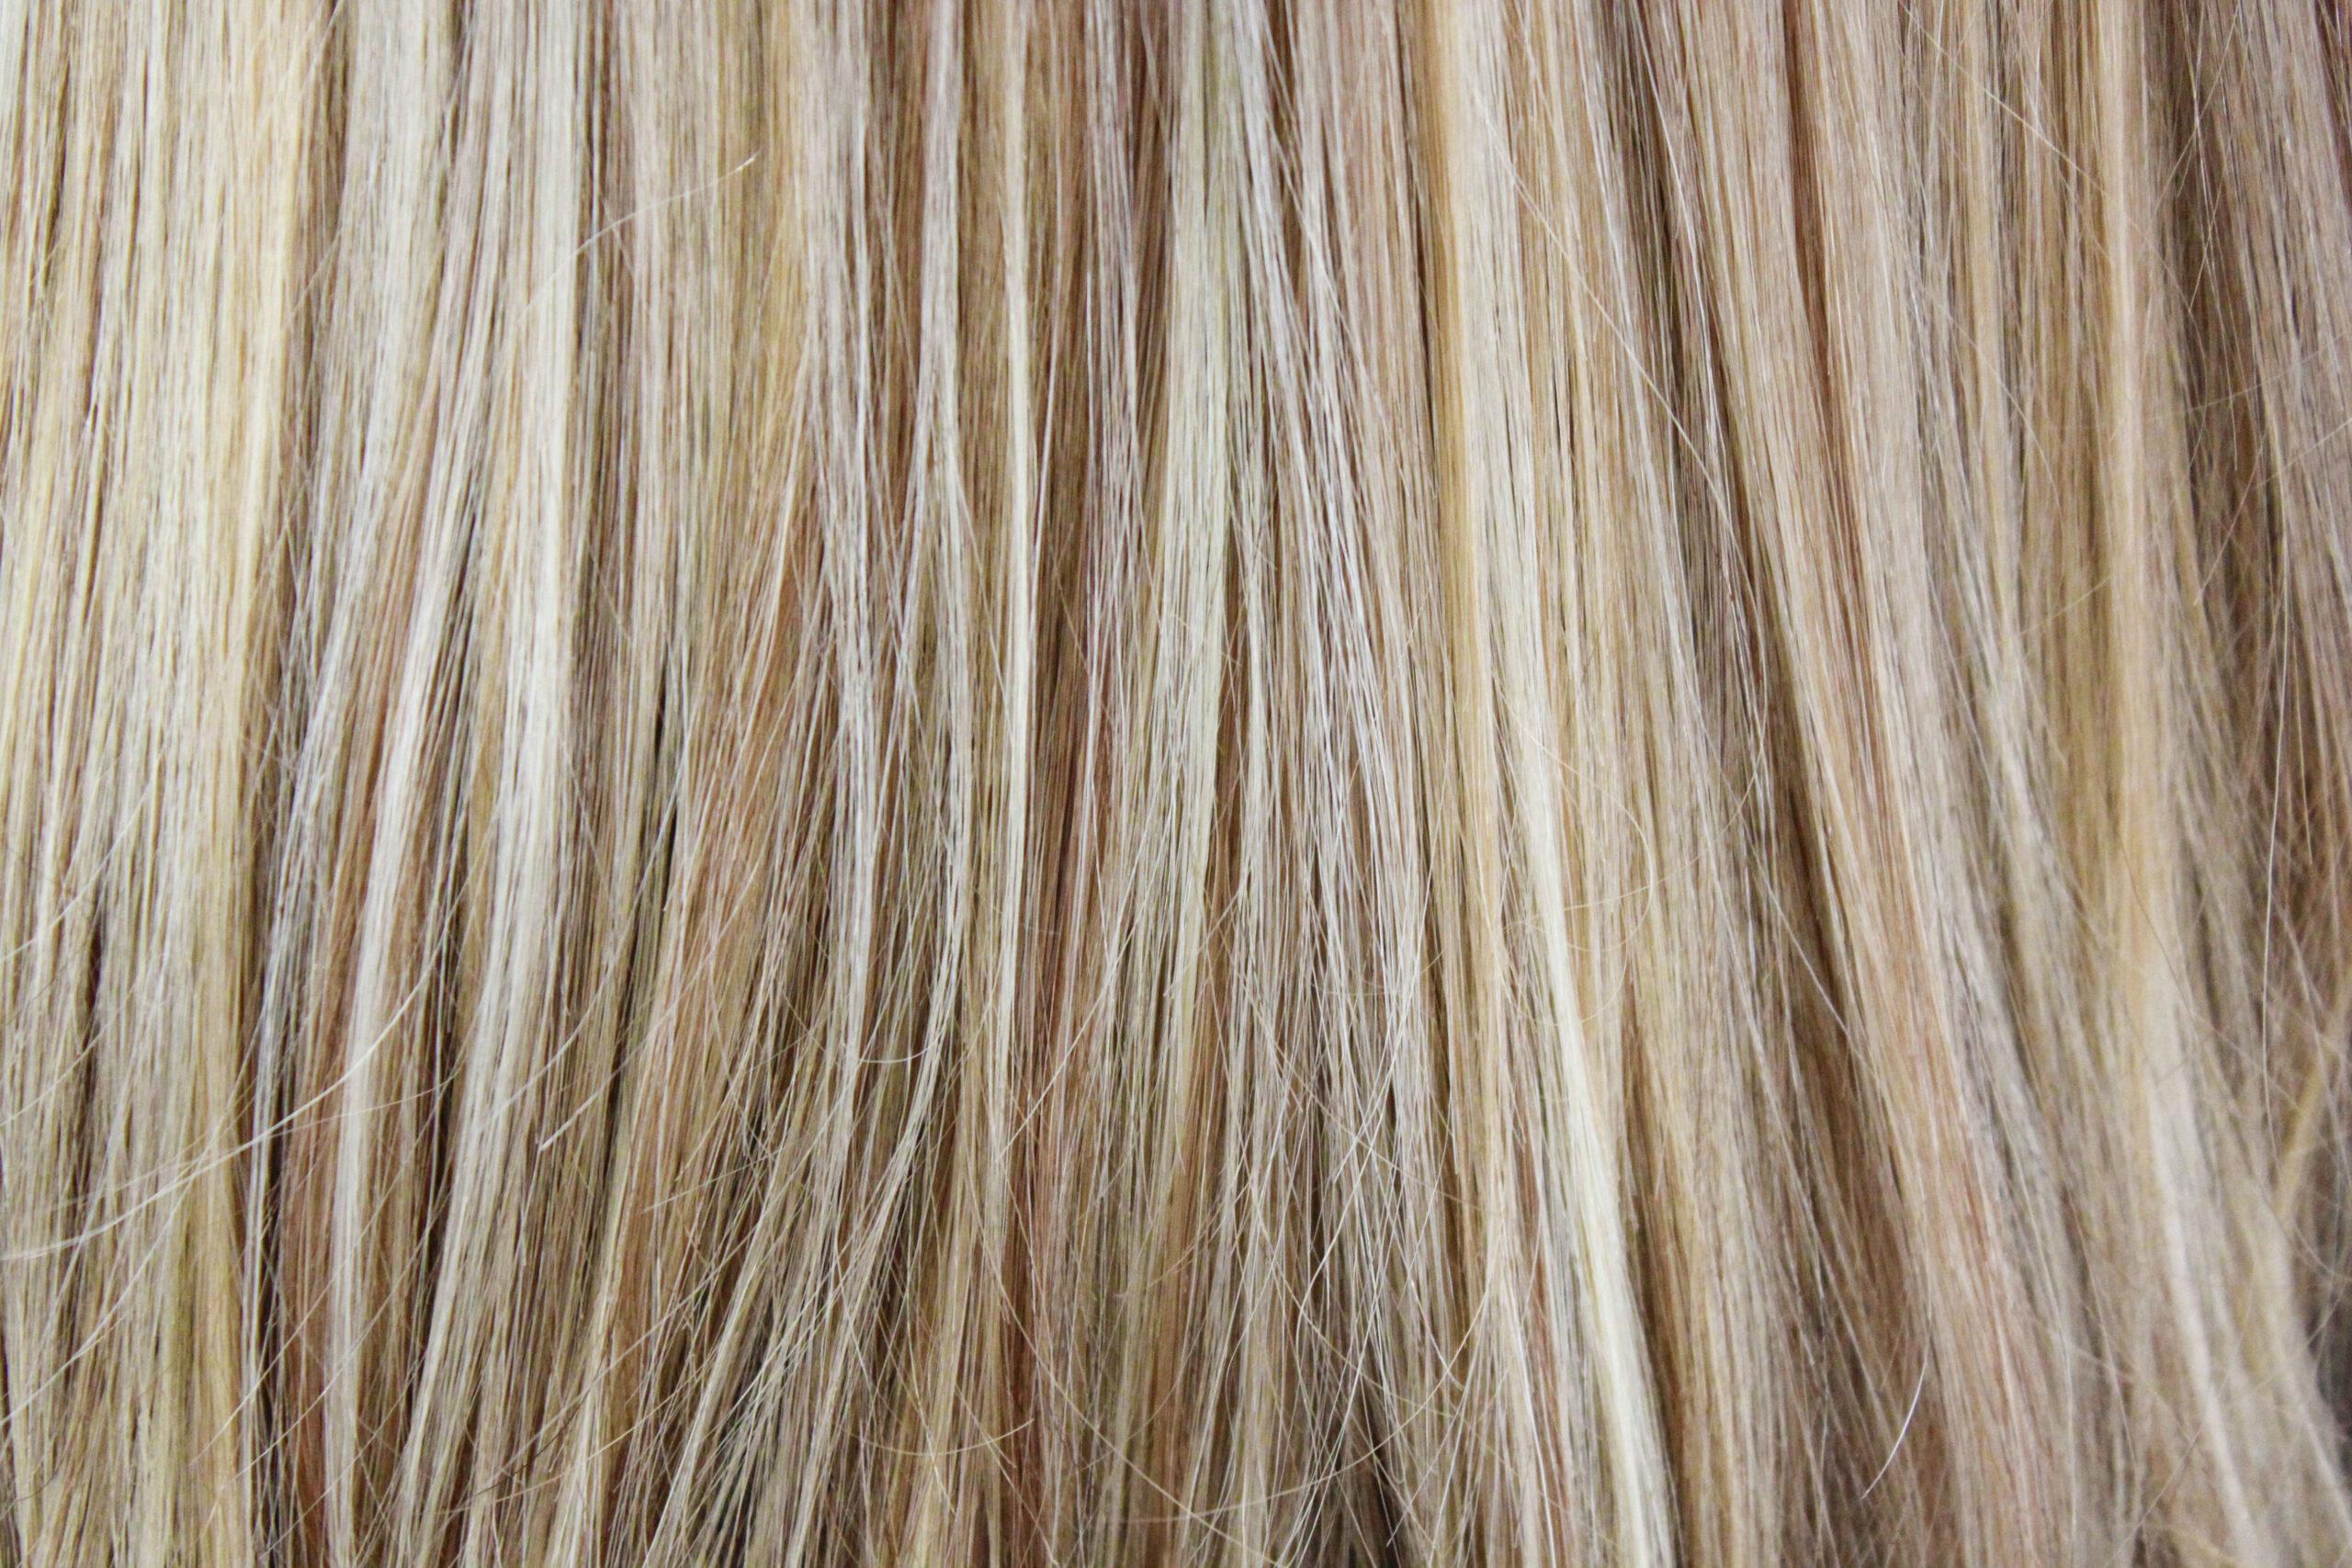 billig hårförlängning uppsala